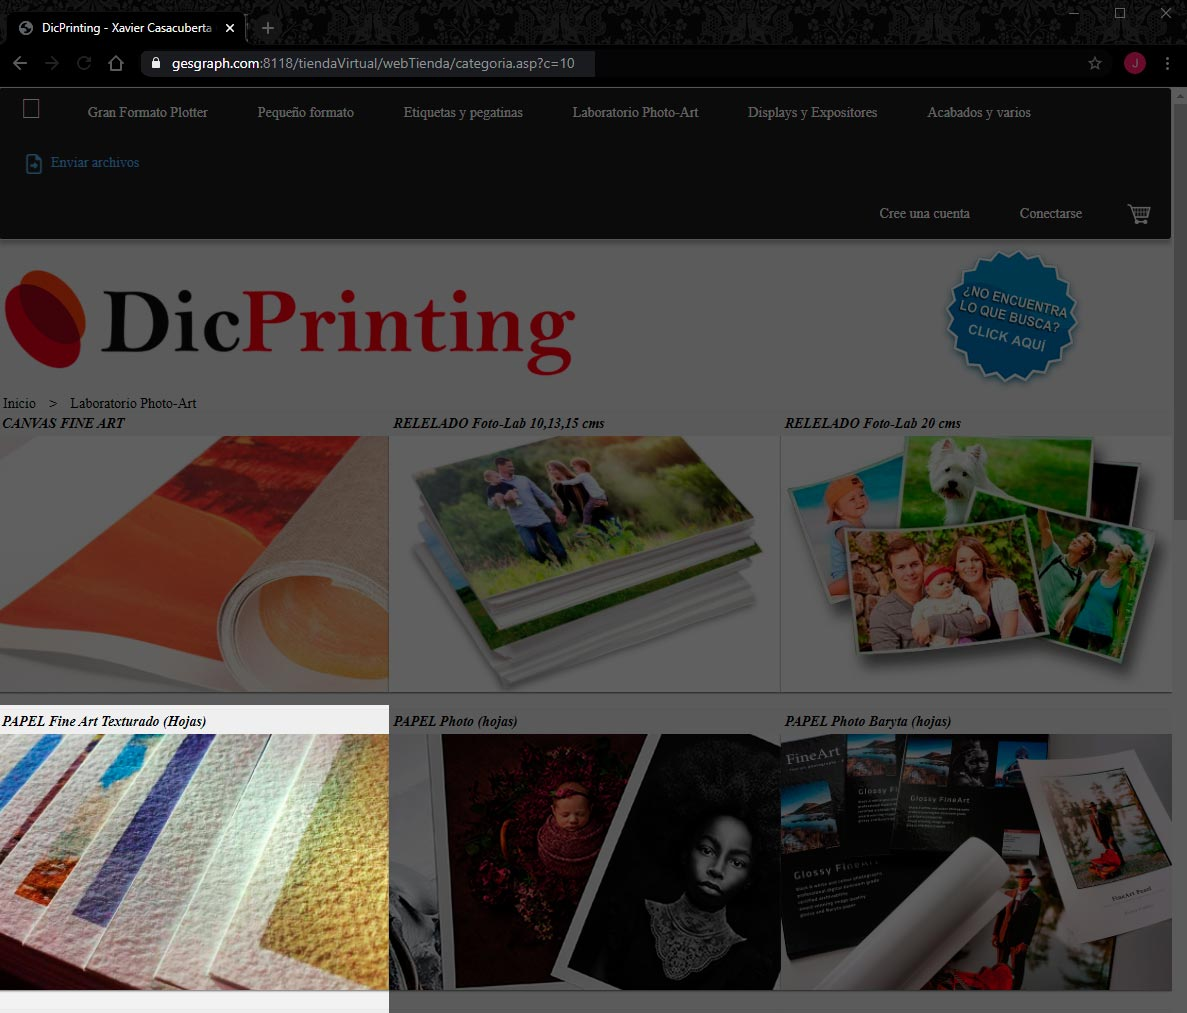 DicPrinting no respeta los derechos de autor